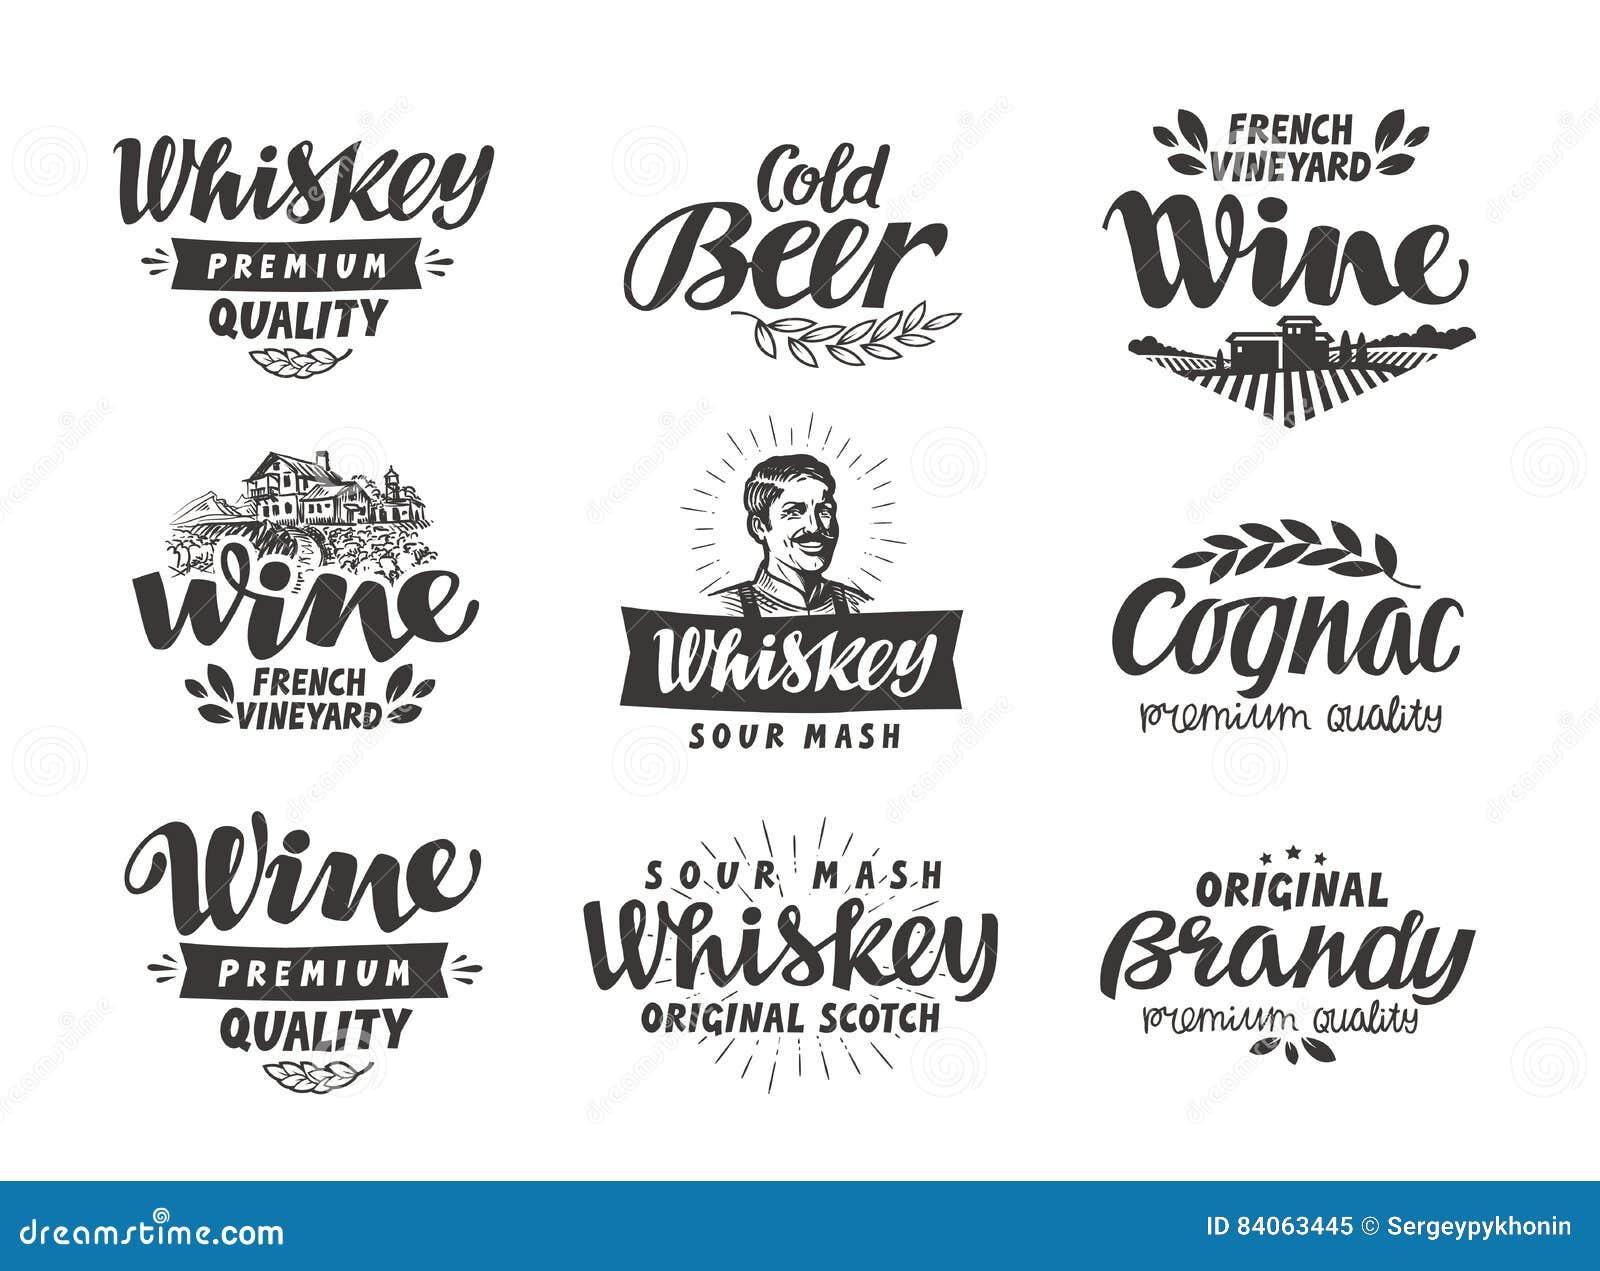 Menu, alkoholiczni napoje Wektor przylepia etykietkę wino, piwo, whisky, brandy, koniak